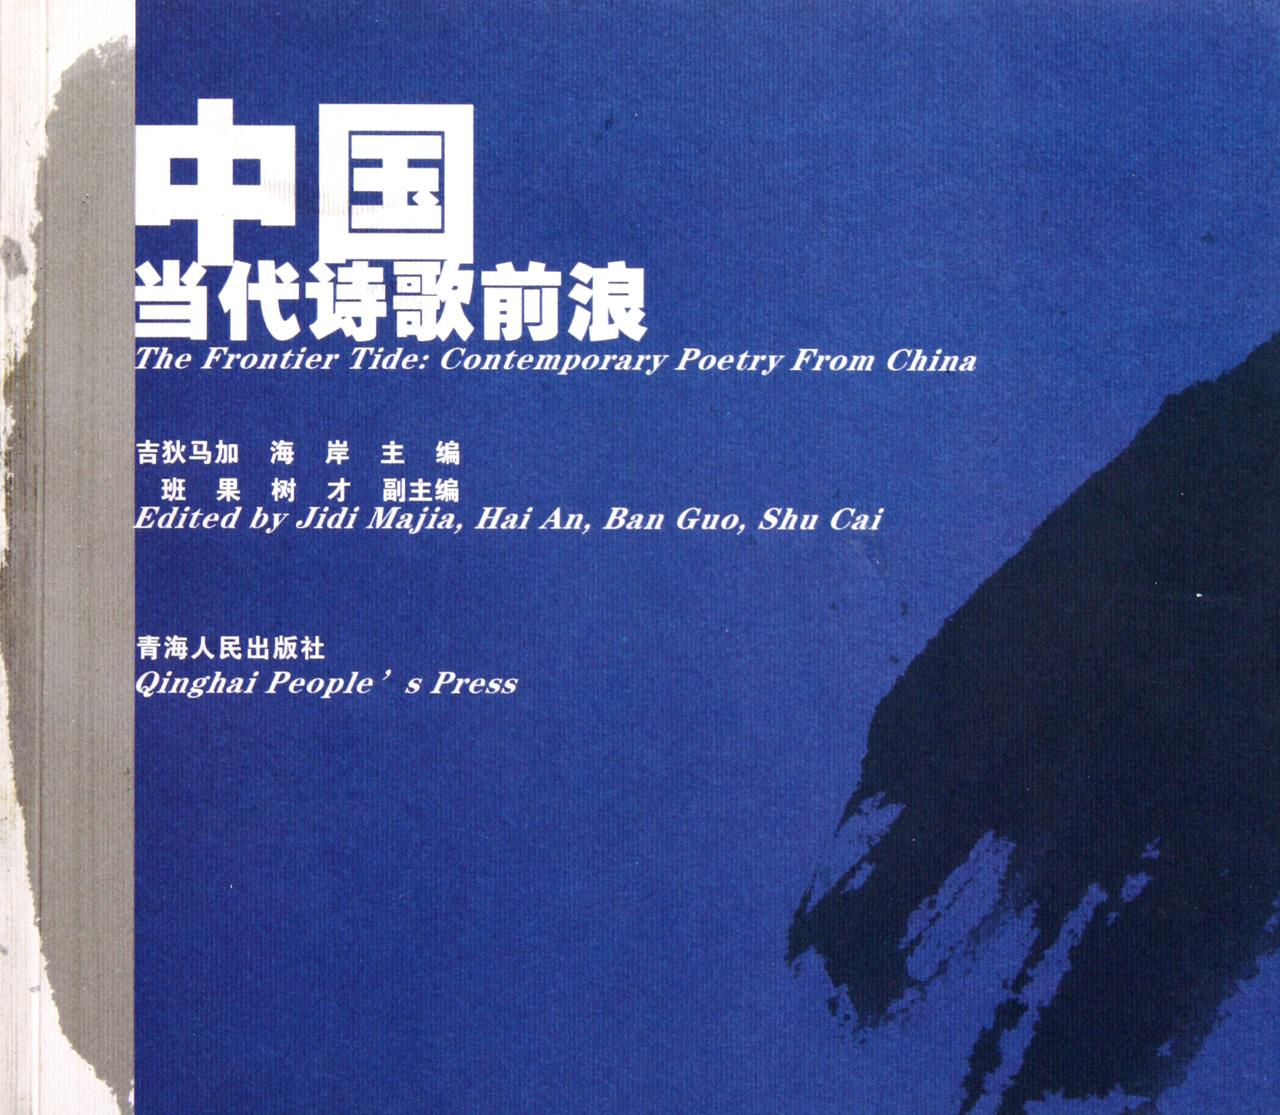 中国当代诗歌前浪